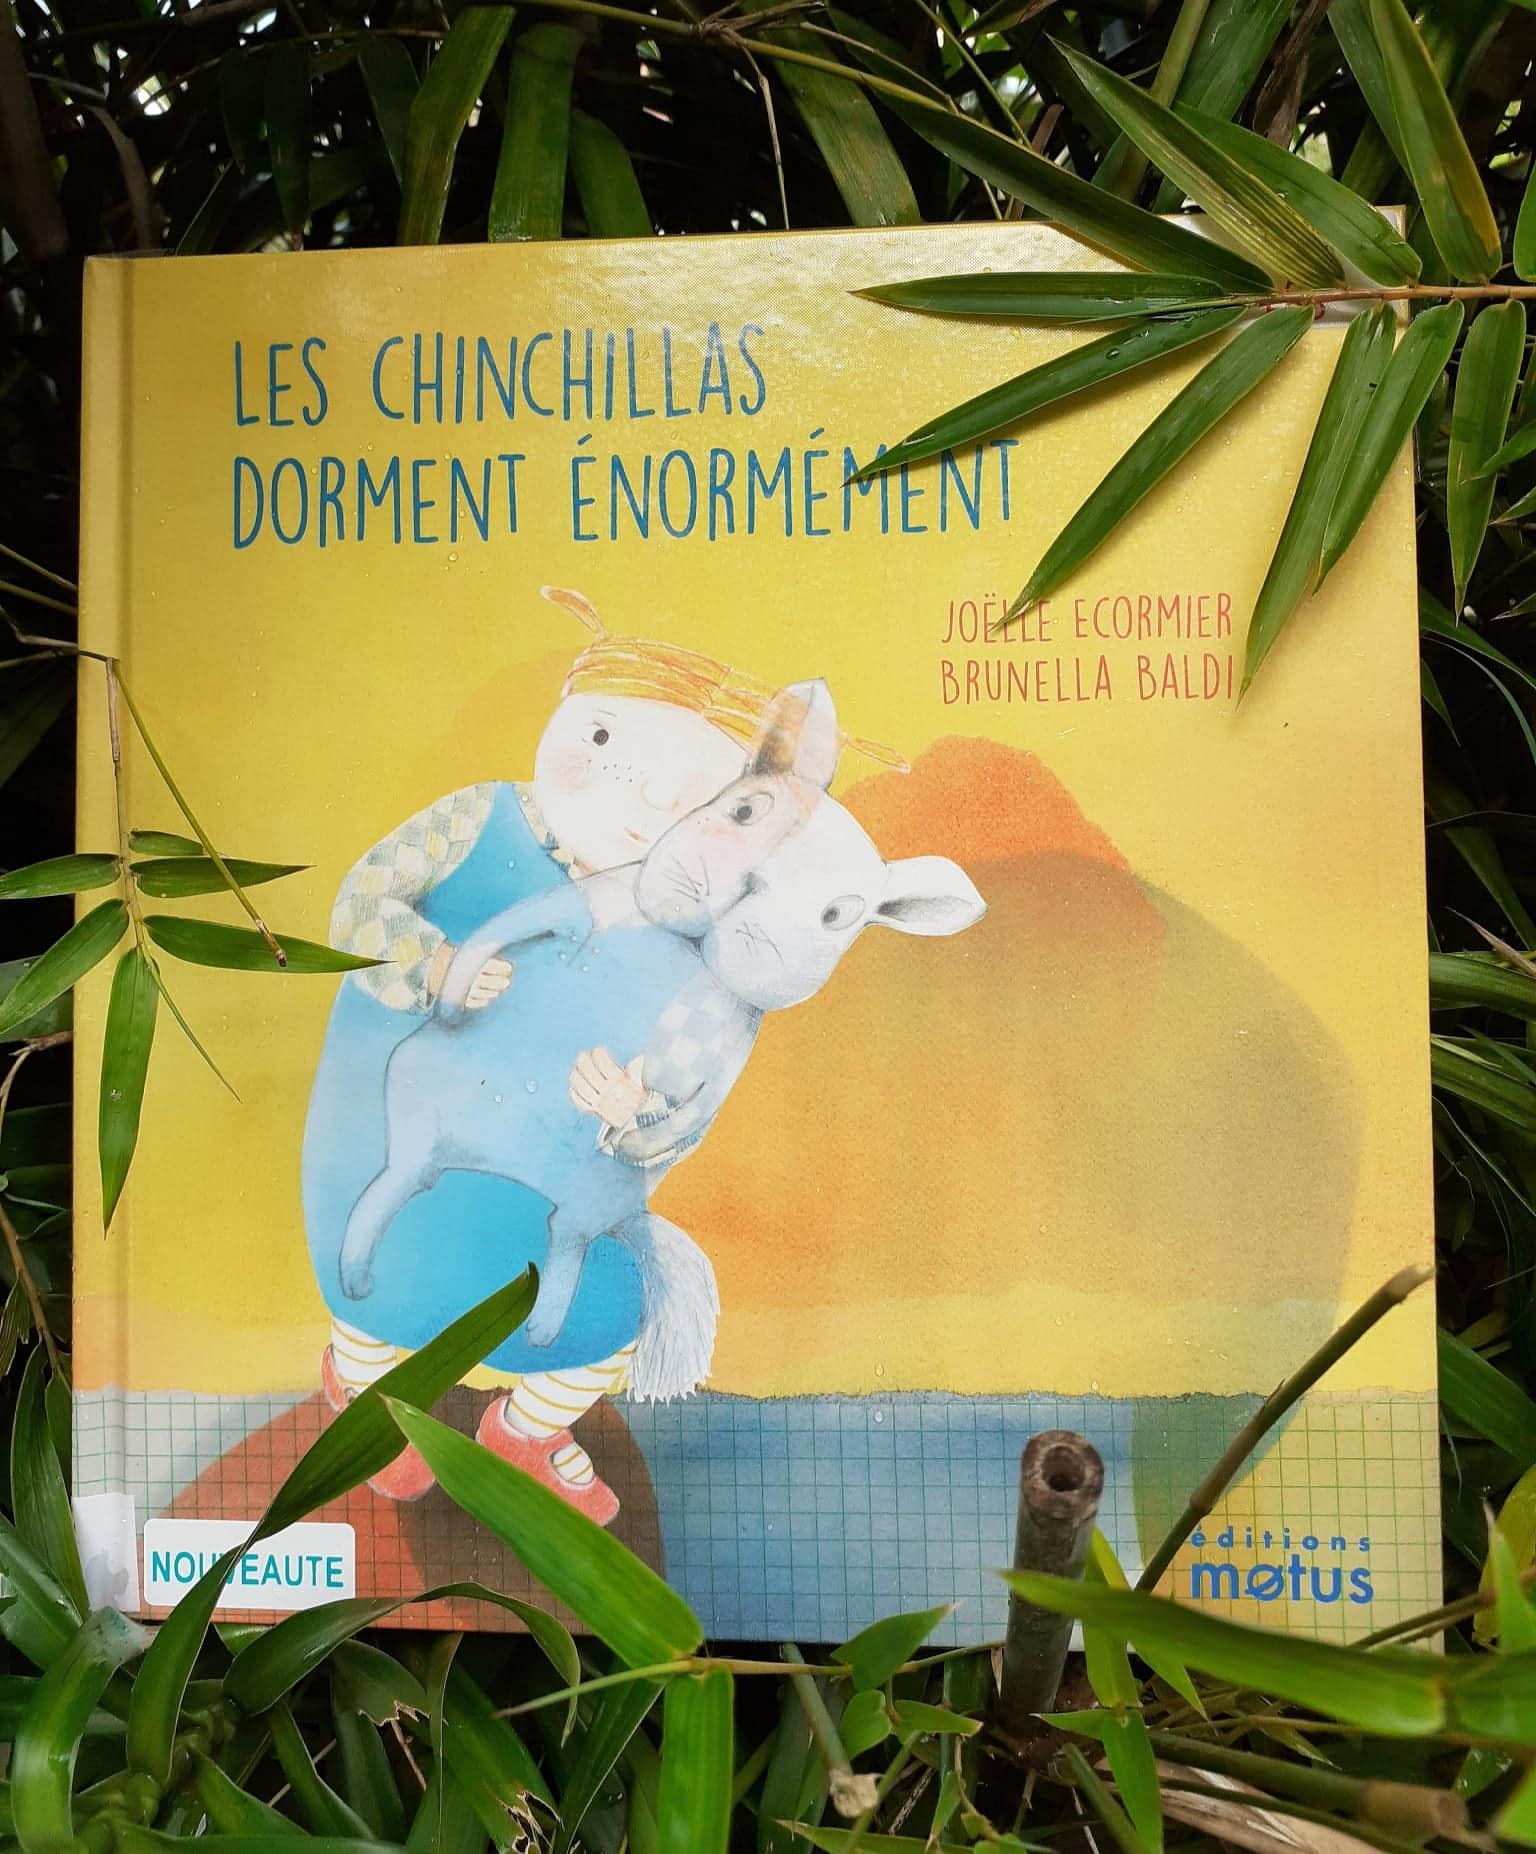 Les chinchillas dorment énormément :: Joëlle Ecormier et Brunella Baldi